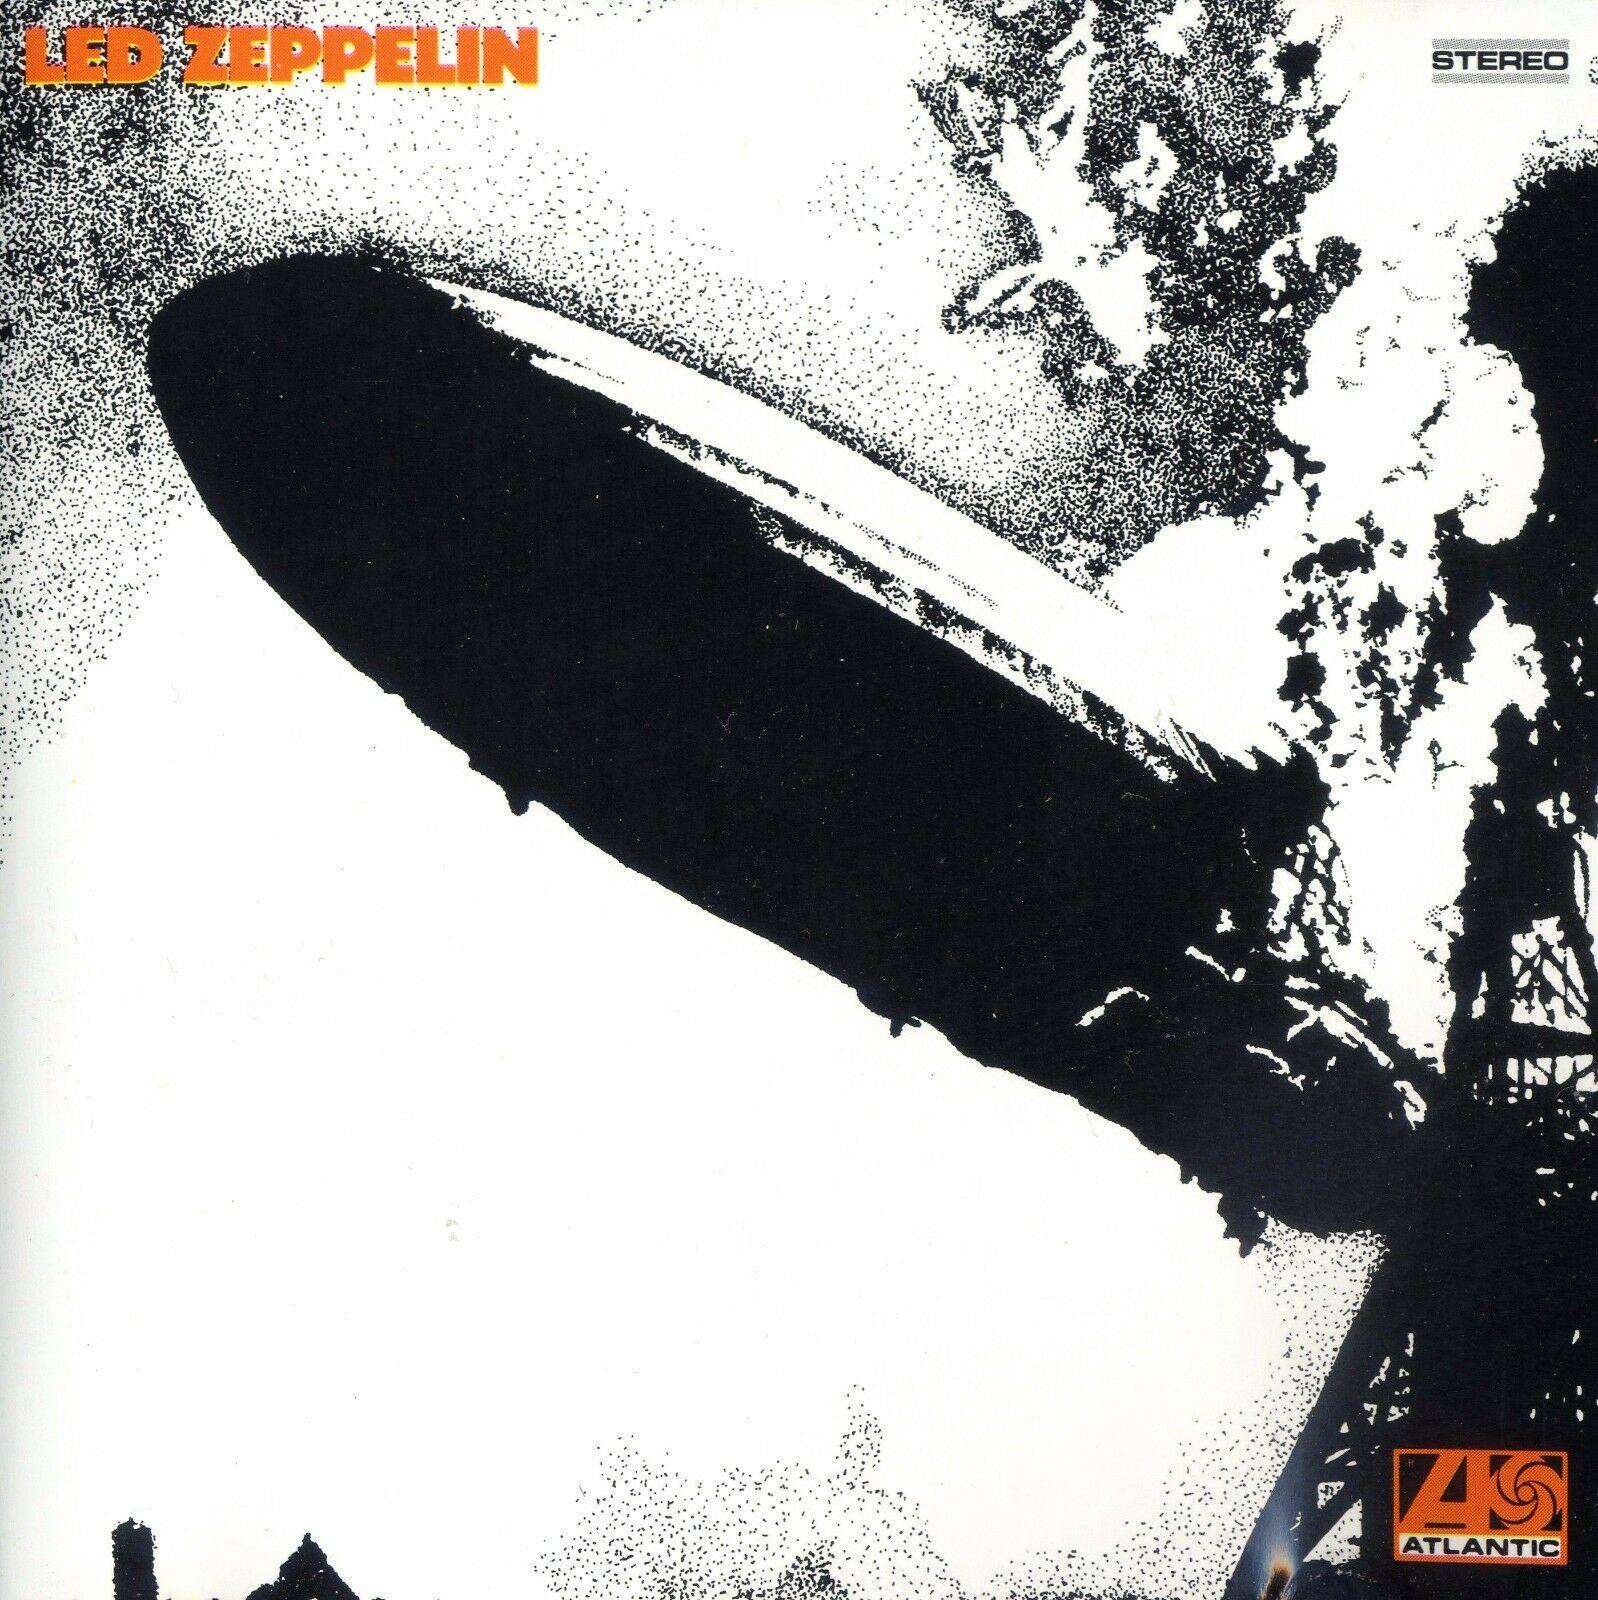 audio review : Led Zeppelin ( album ) ... Led Zeppelin